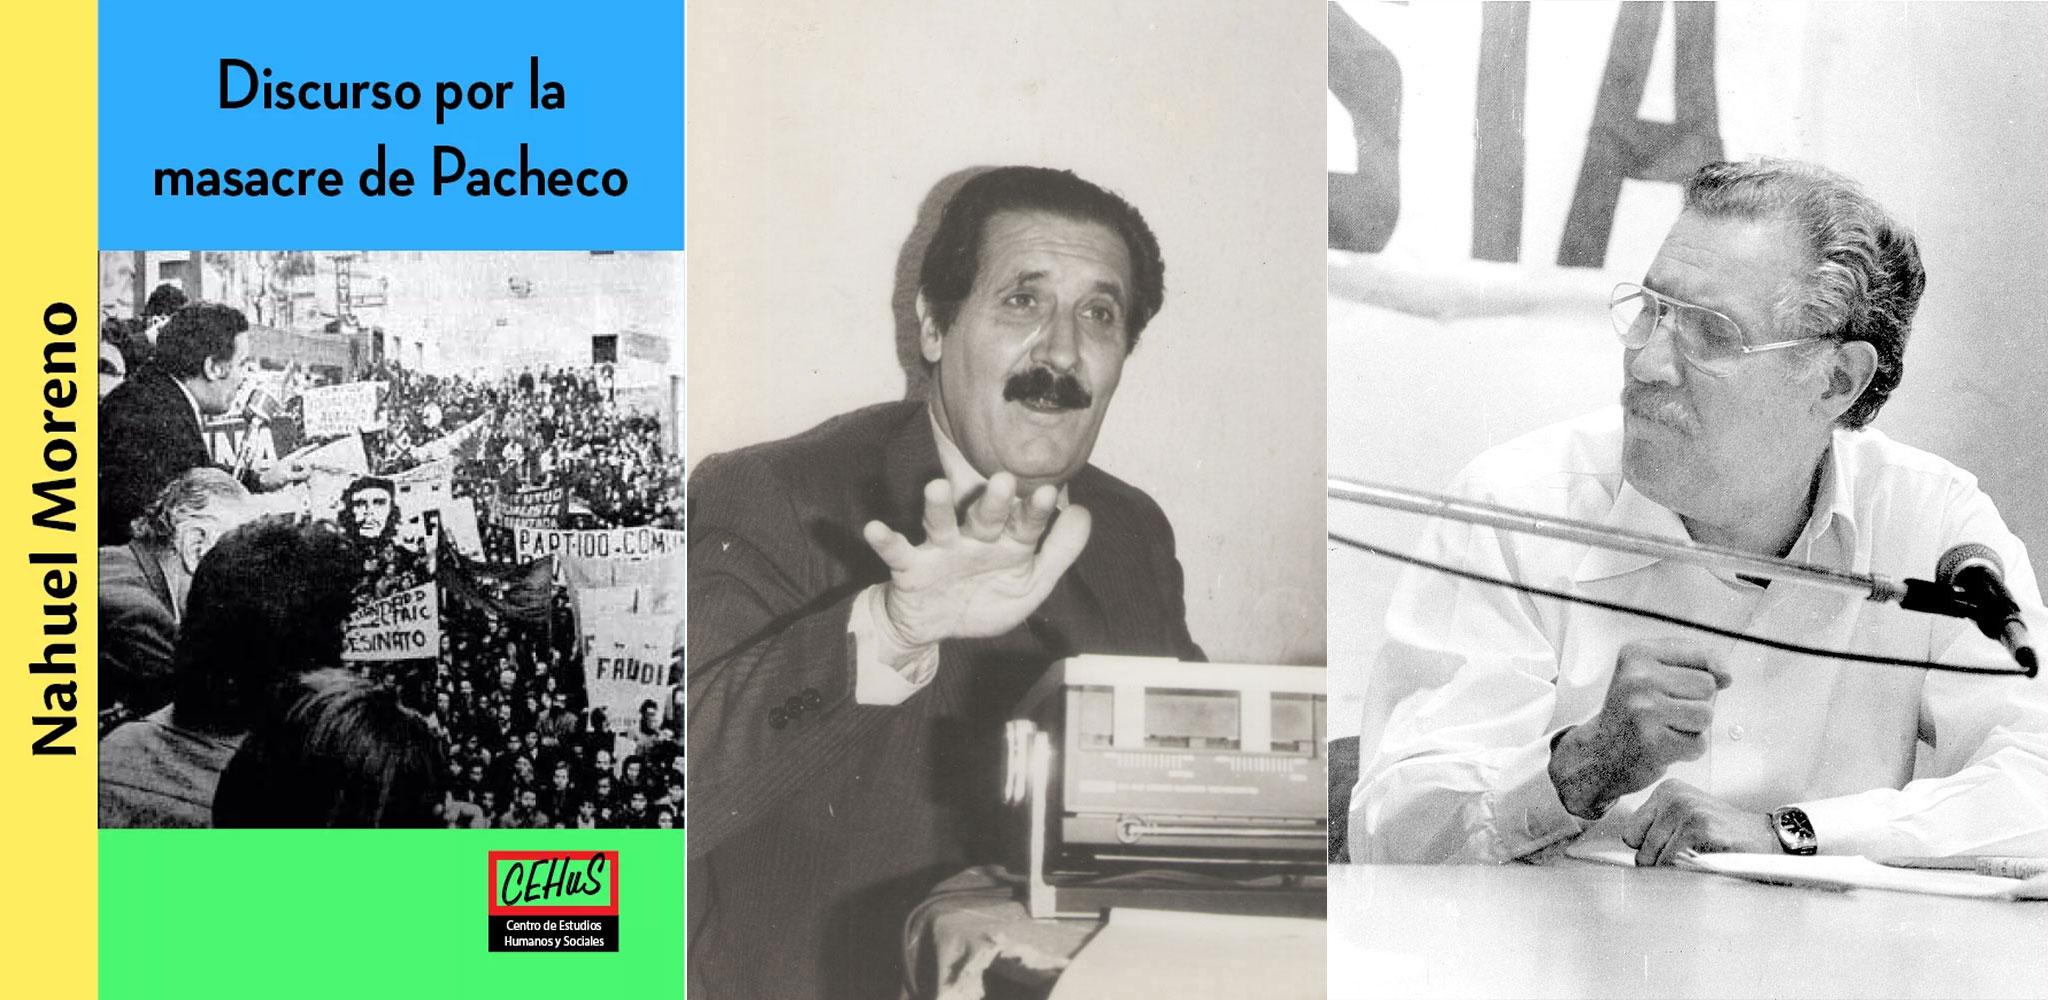 DISCURSO POR LA MASACRE DE PACHECO (1974)